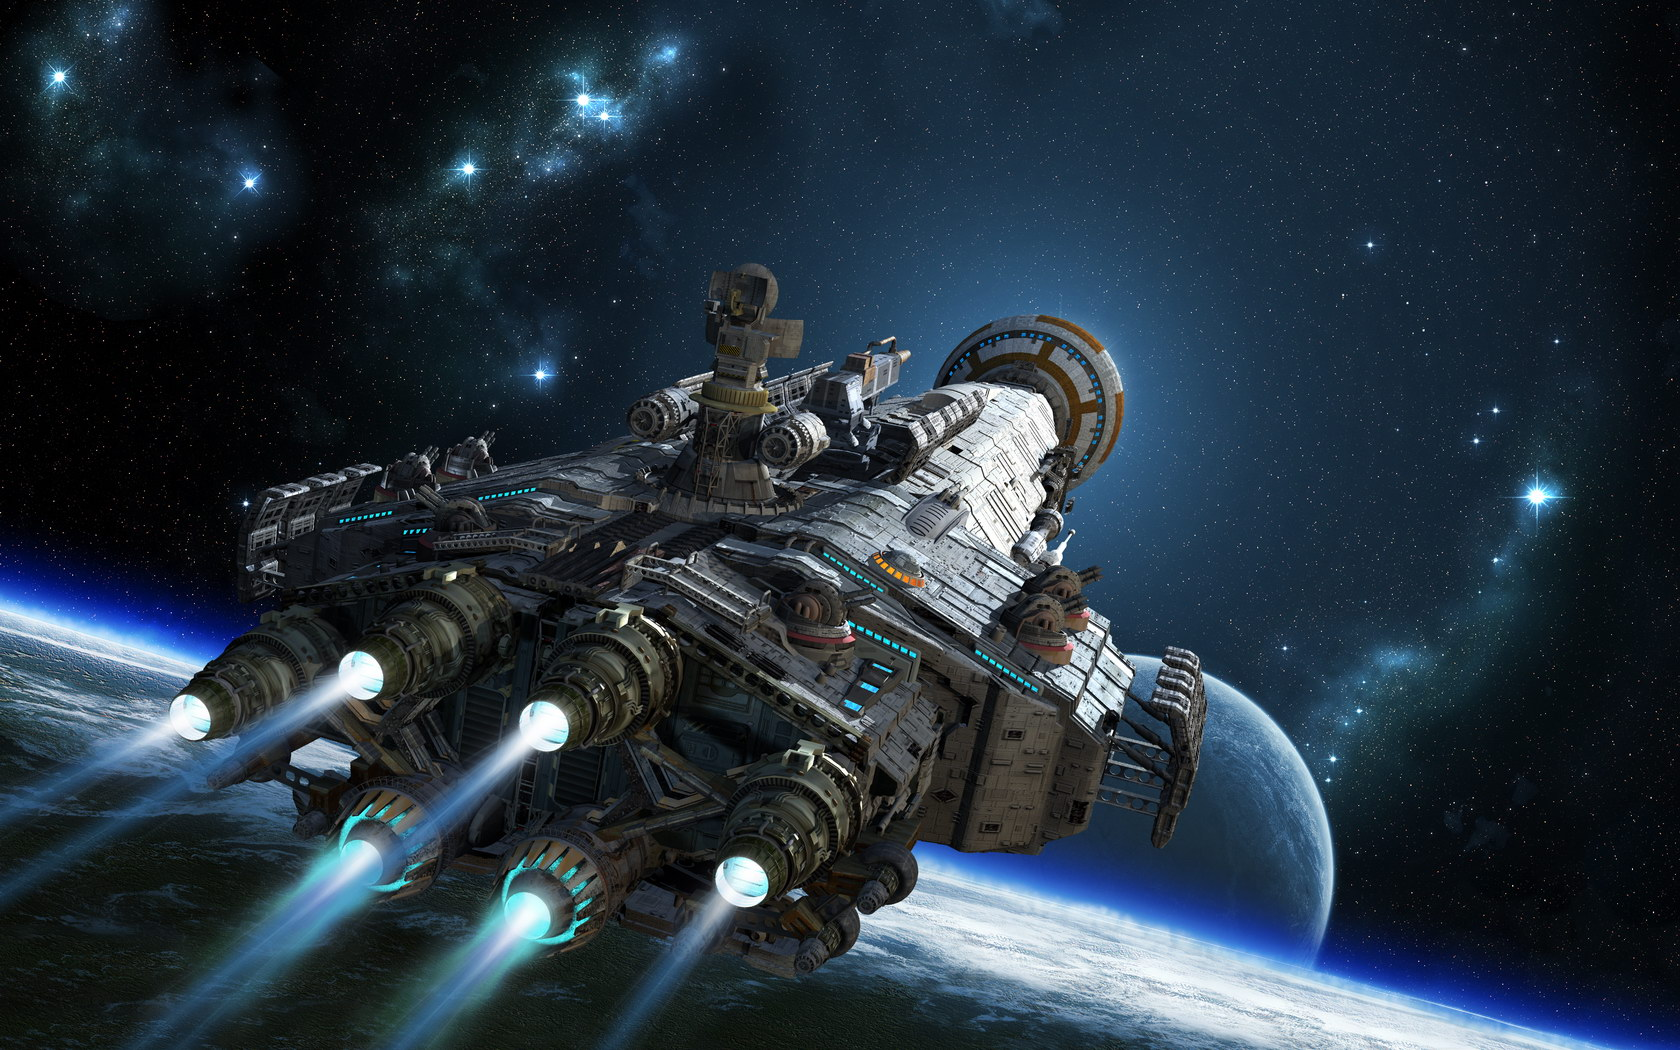 лекарственных картинки космоса с космическими кораблями нас